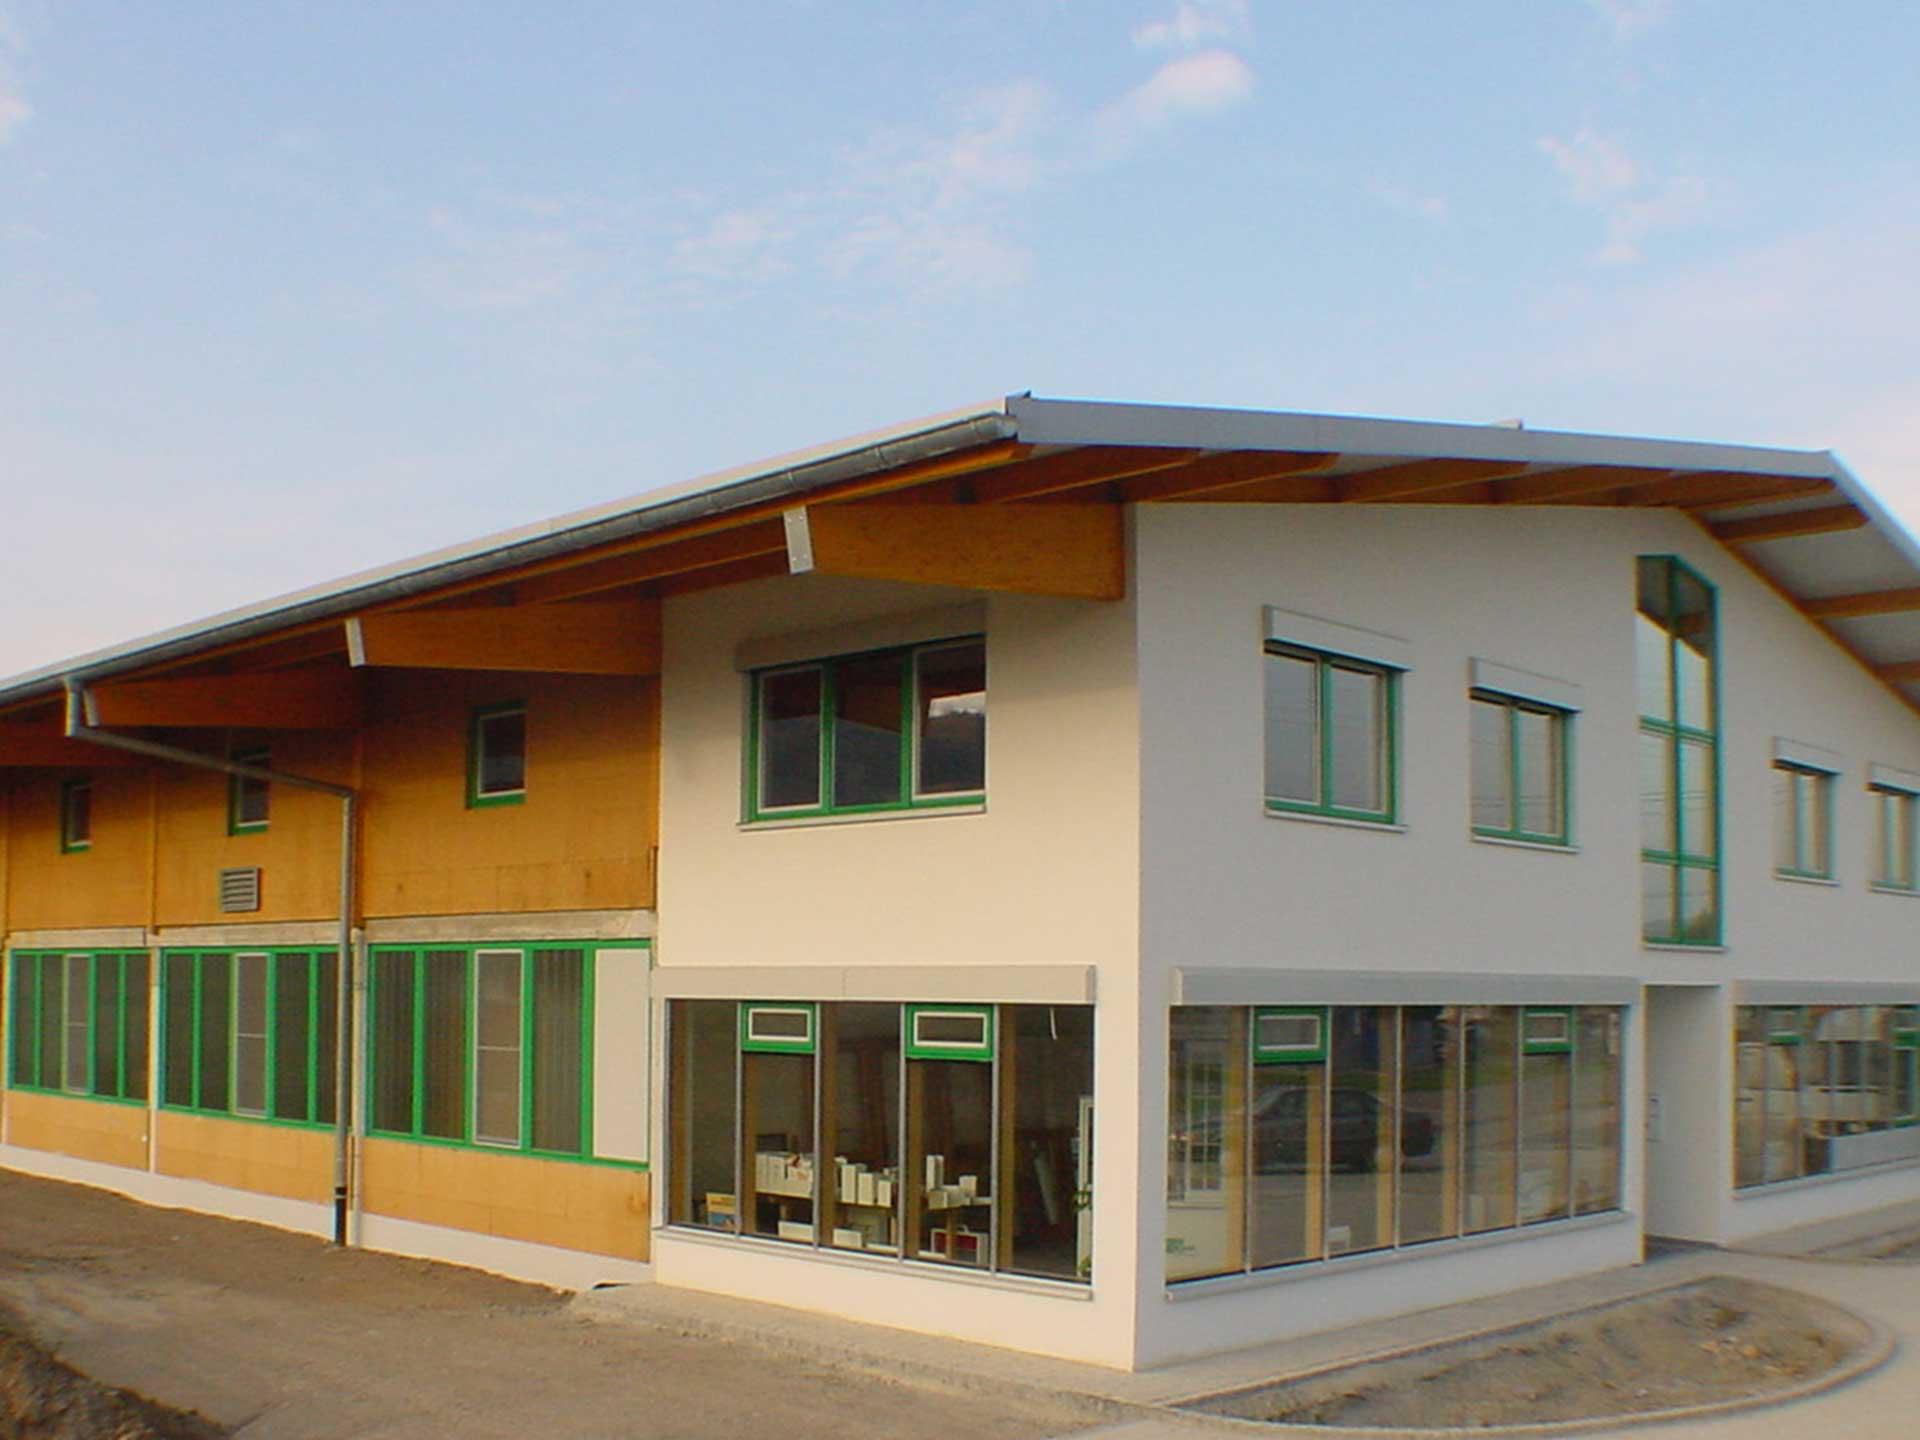 Ansprechend Holzständerbauweise Kosten Galerie Von Triebau